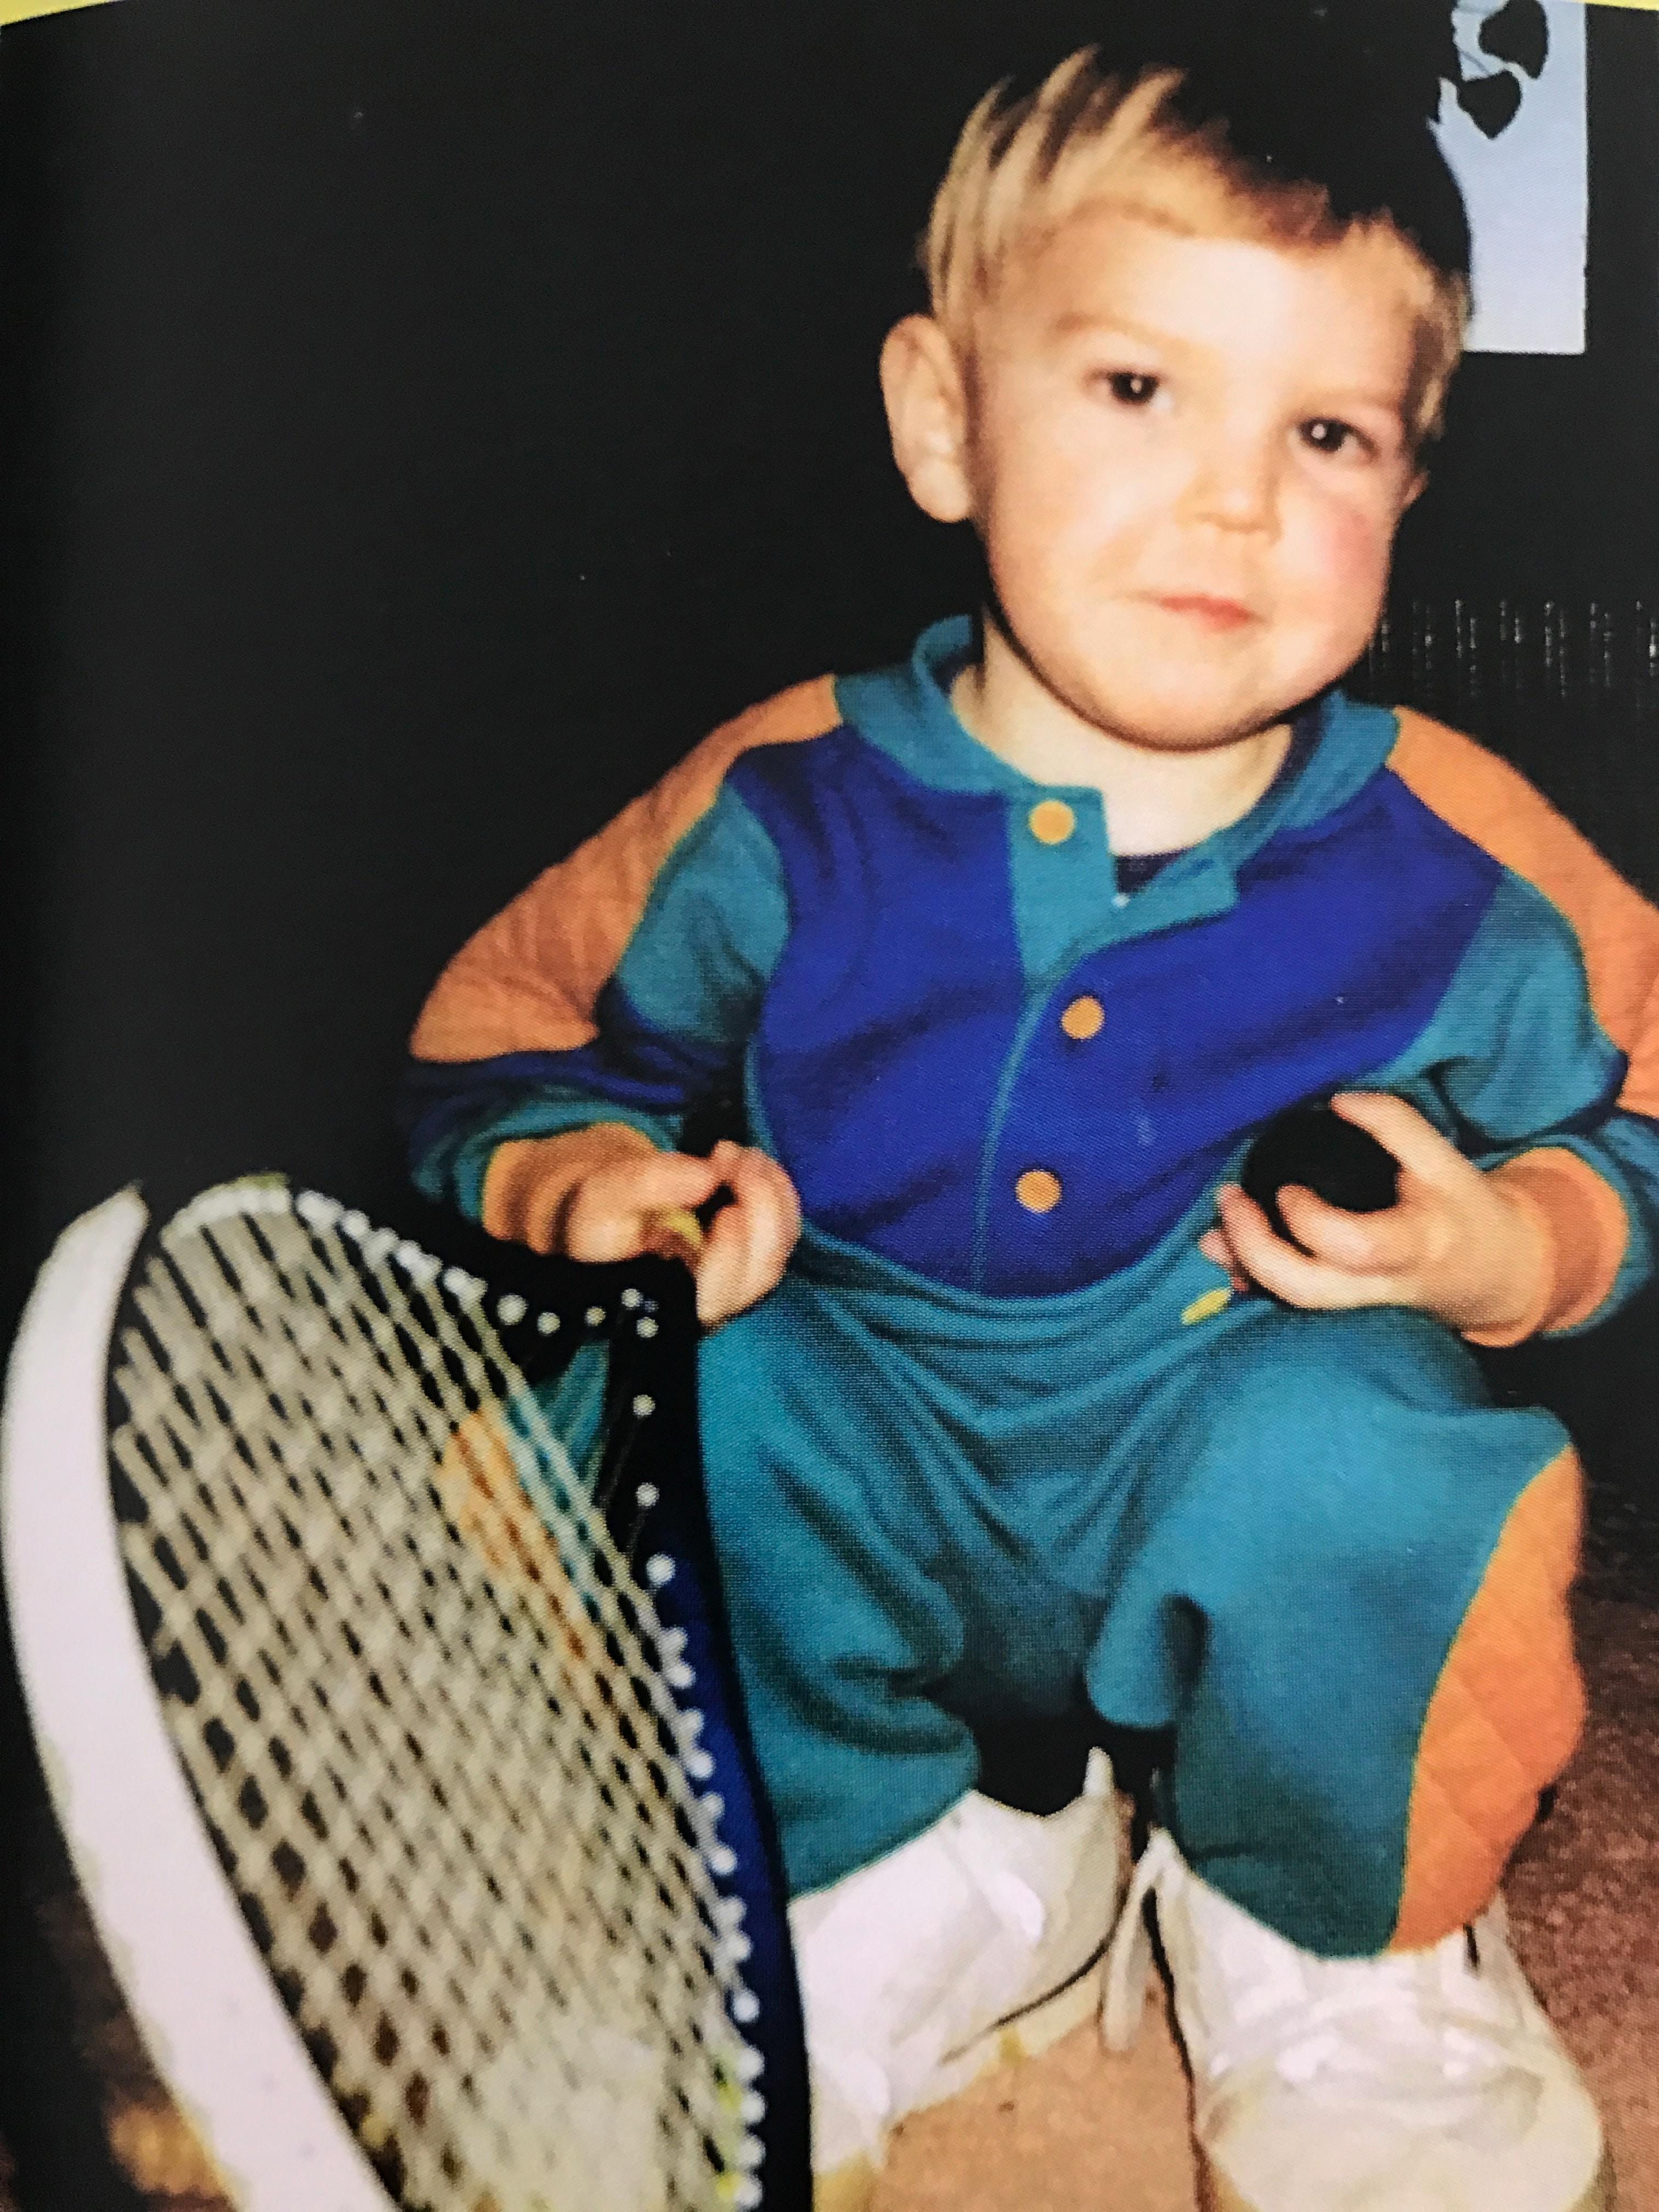 Baby Luke Chesser